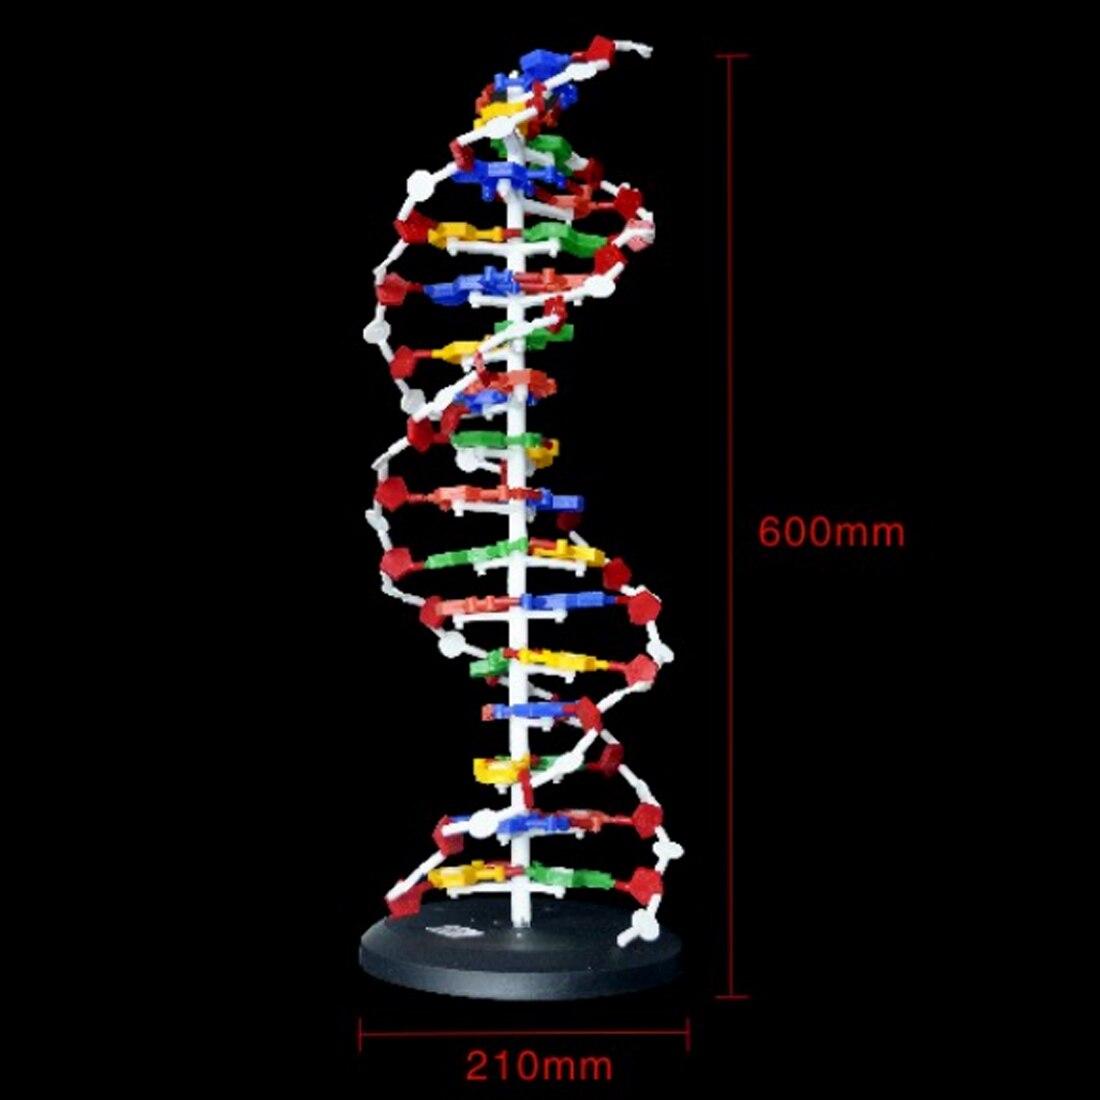 NFSTRIKE biologie aides pédagogiques modèle de Structure d'adn accessoires éducatifs étude adn Science équipement jouets pour enfants 2018 nouveauté - 3